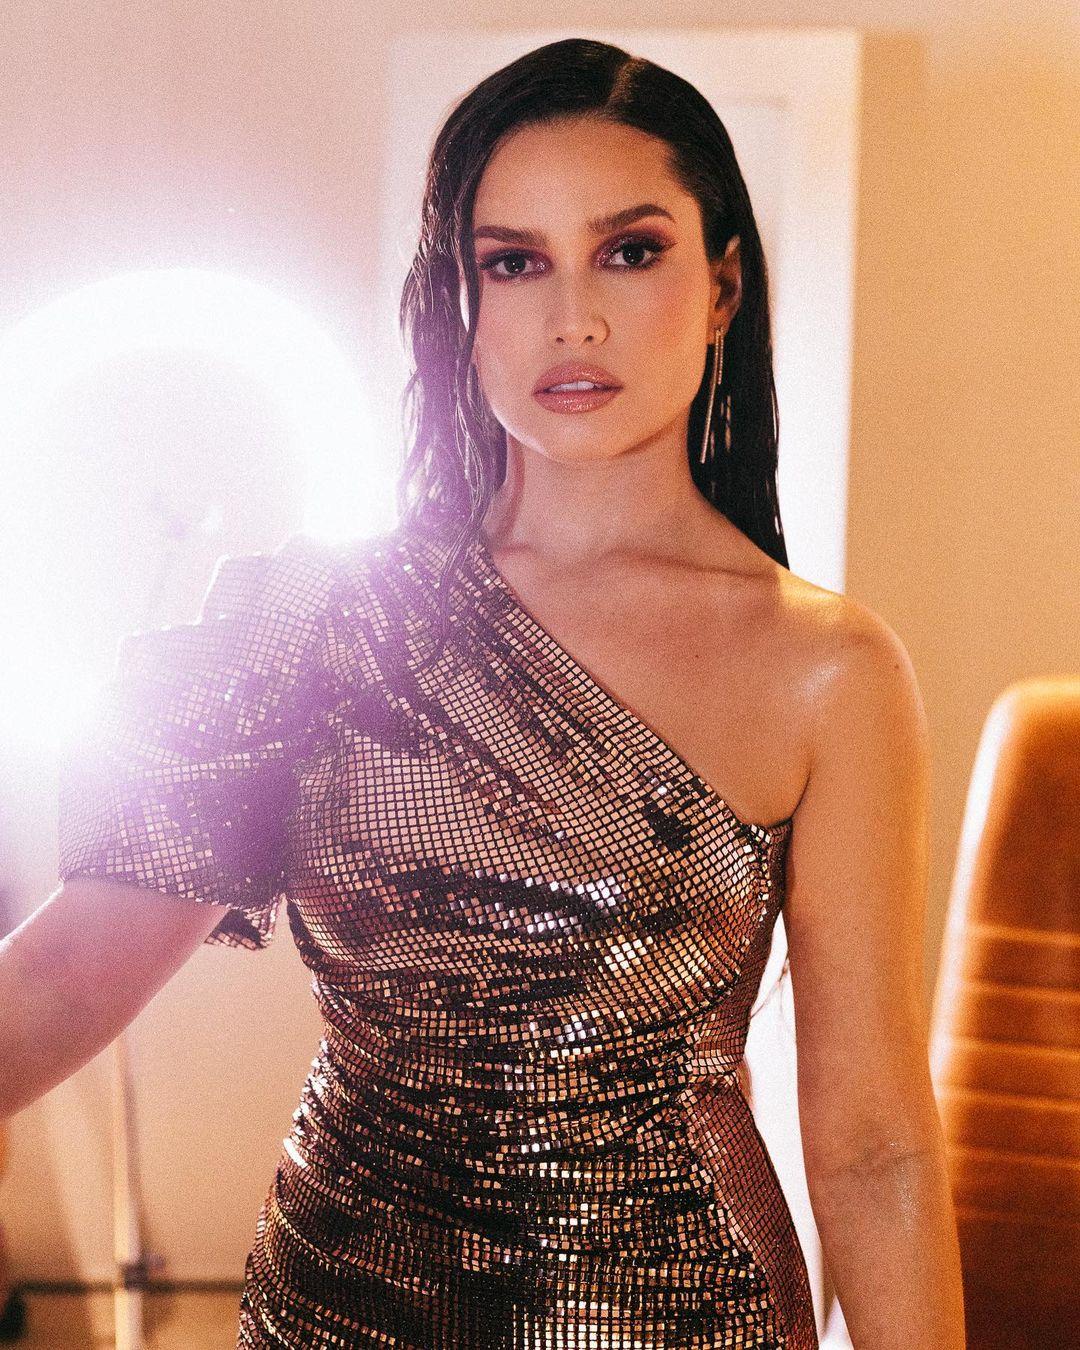 Look de Juliette com vestido com muito glamour e na altura dos joelhos, com brilho - 03